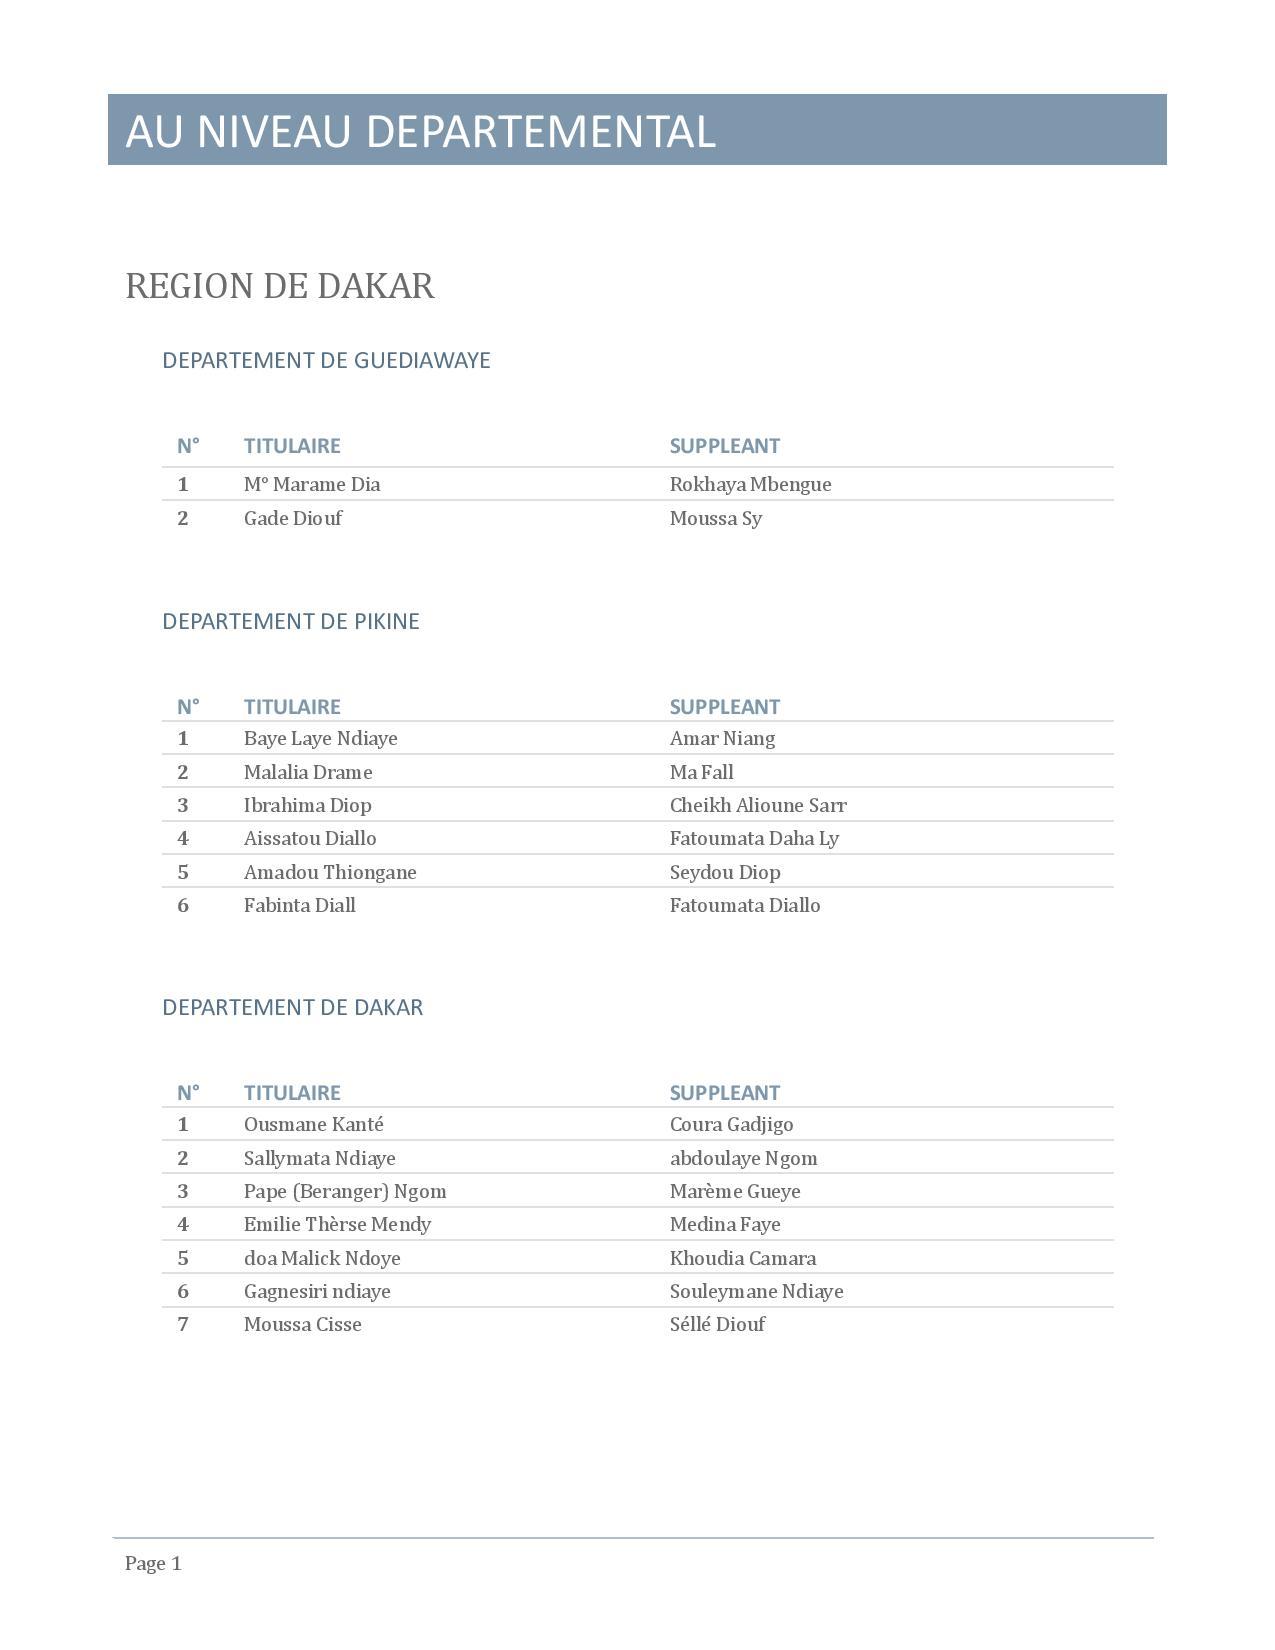 Législatives 2017: voici la liste complète de la coalition du président Abdoul Mbaye